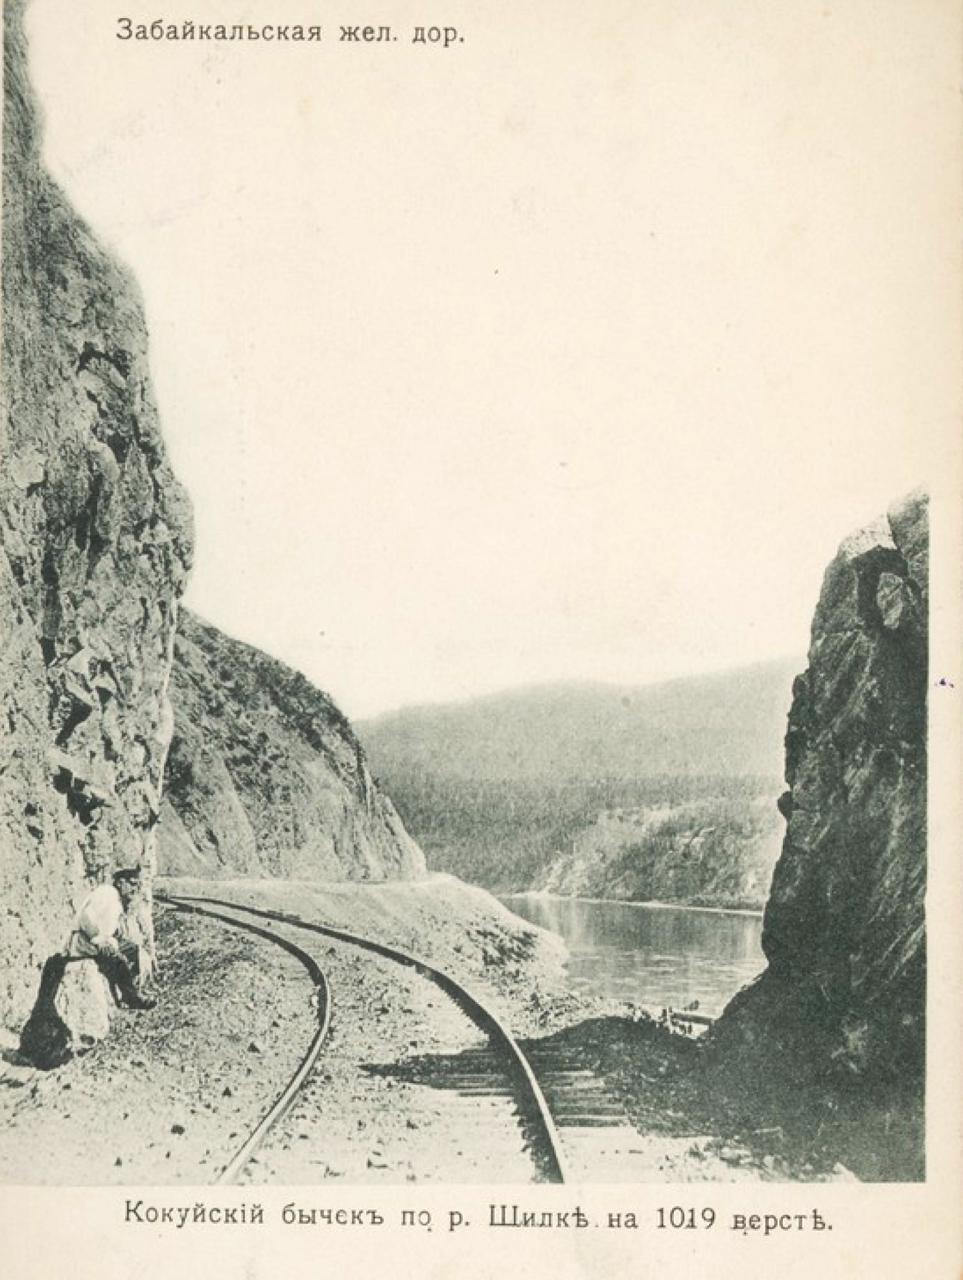 Кокуйский бычок по реке Шилке на 1019 версте